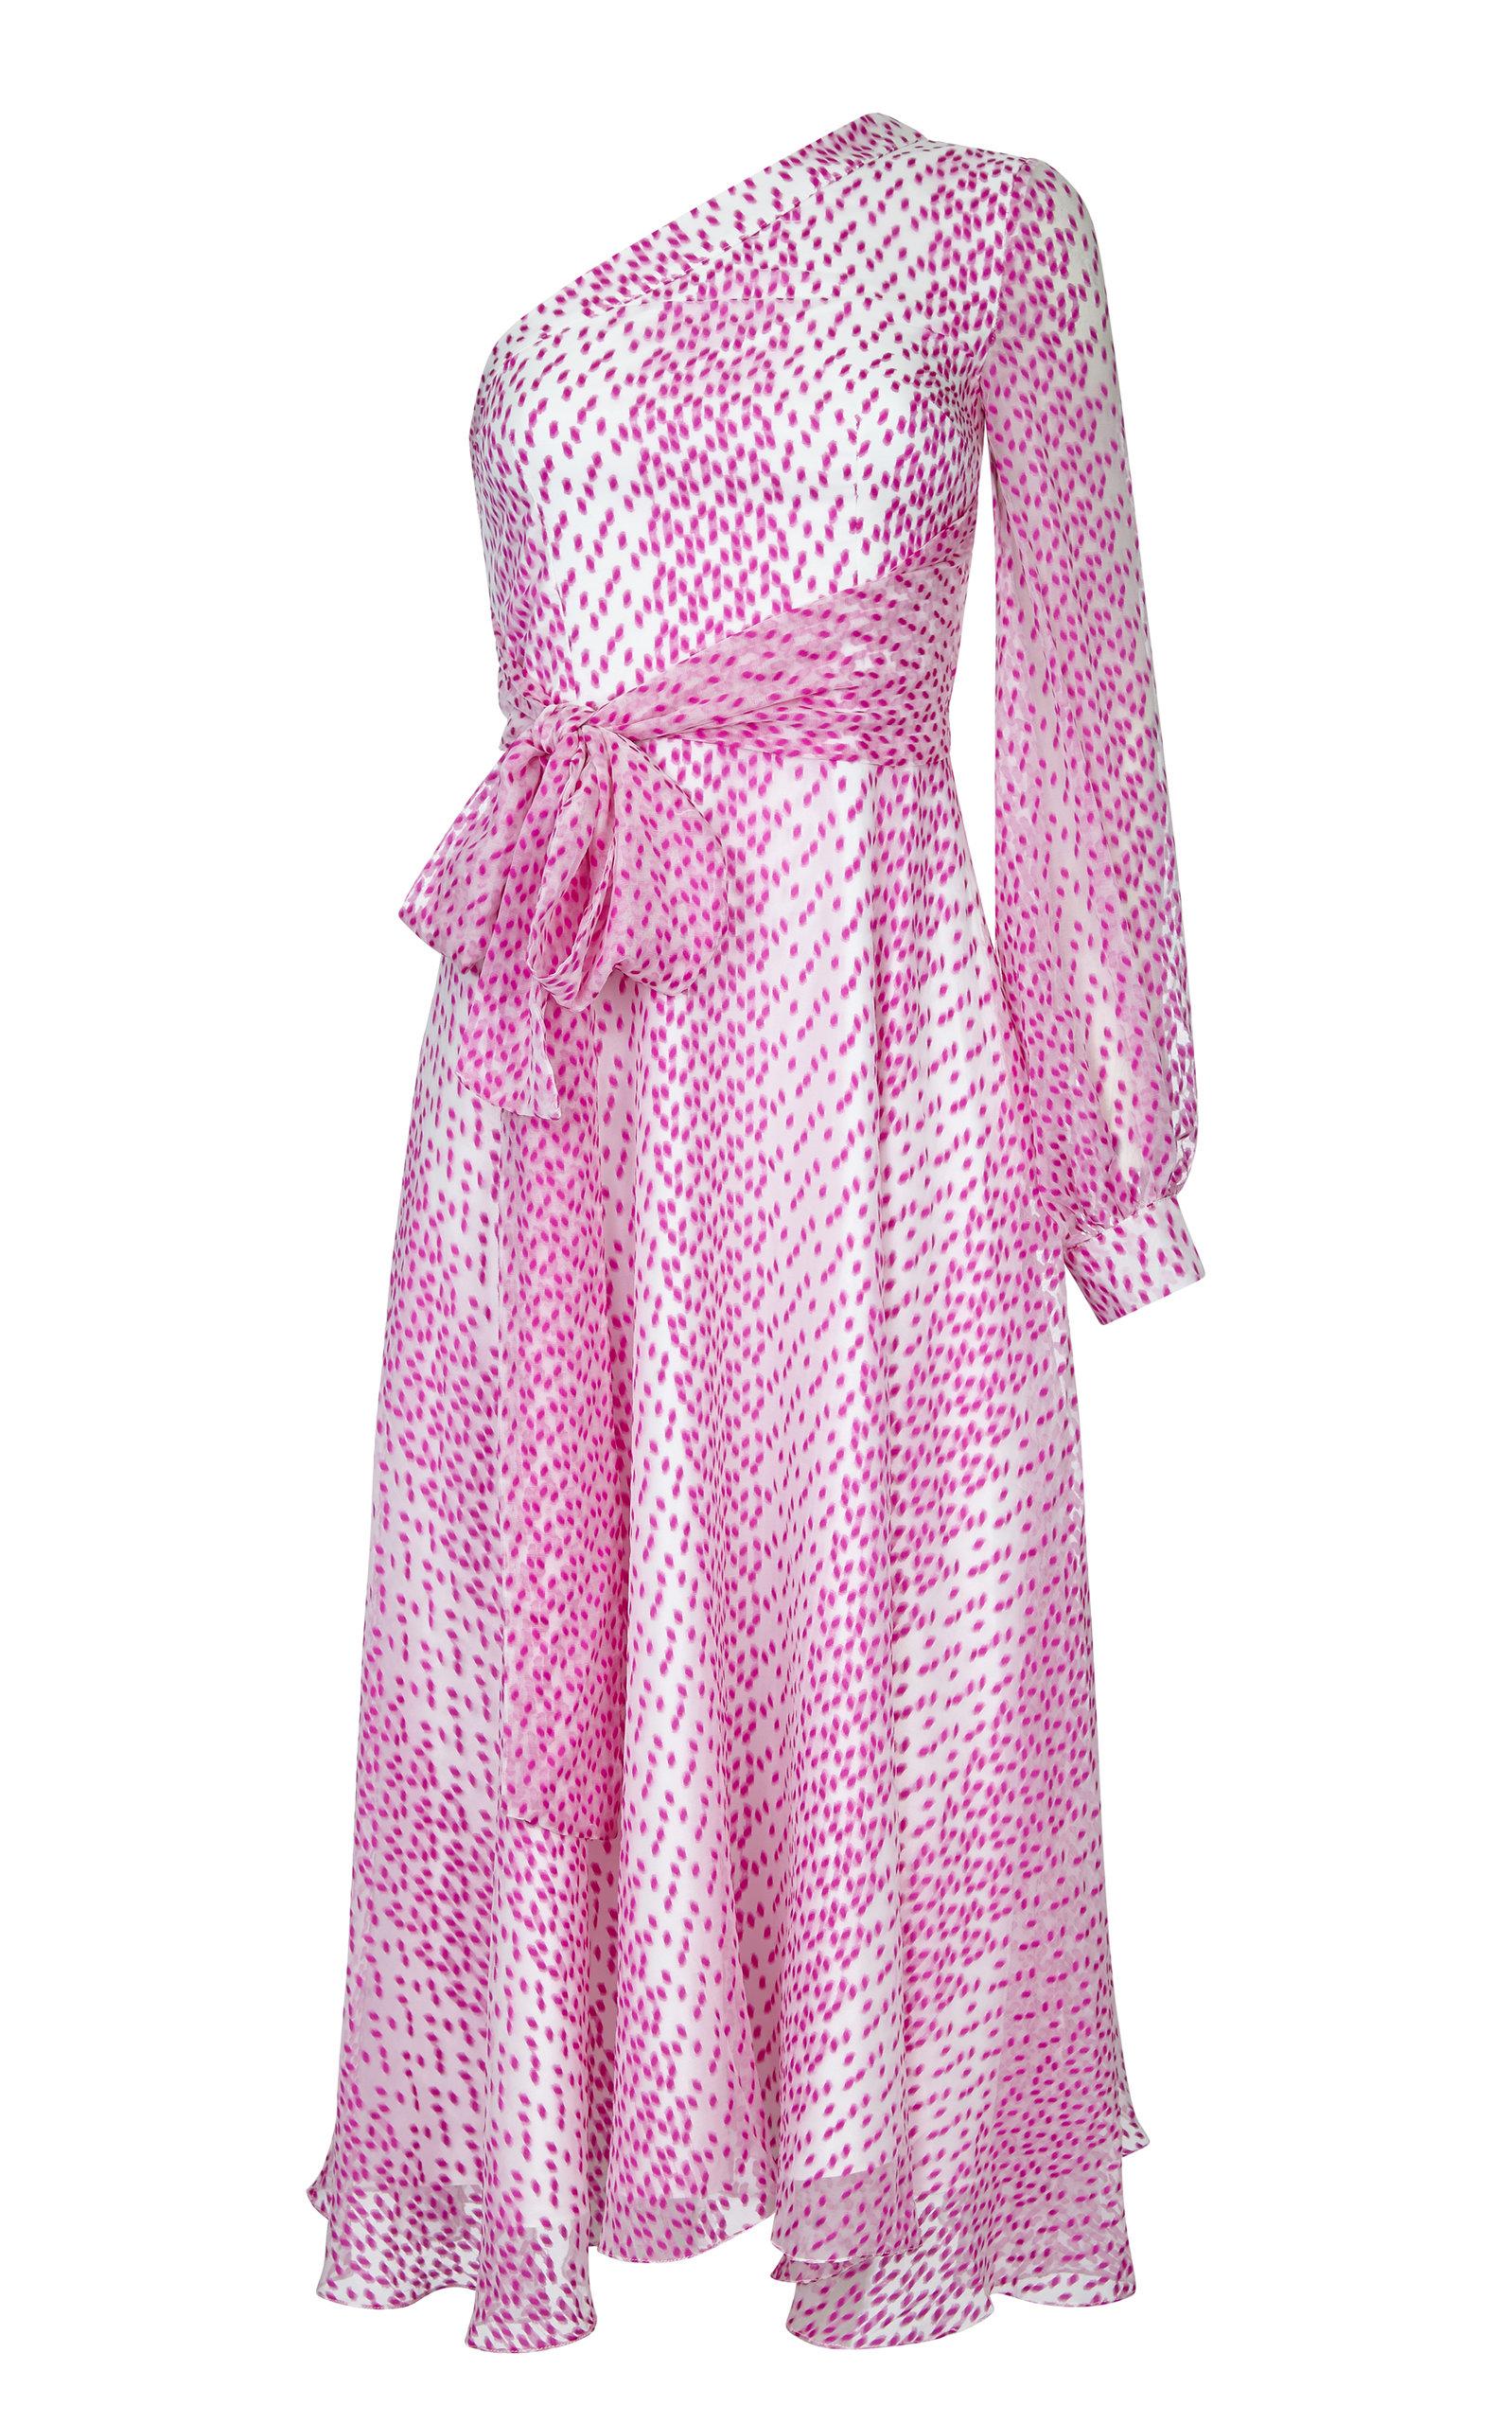 0c32c5f4fa4 SafiyaaValeria One Shoulder Midi Dress. CLOSE. Loading